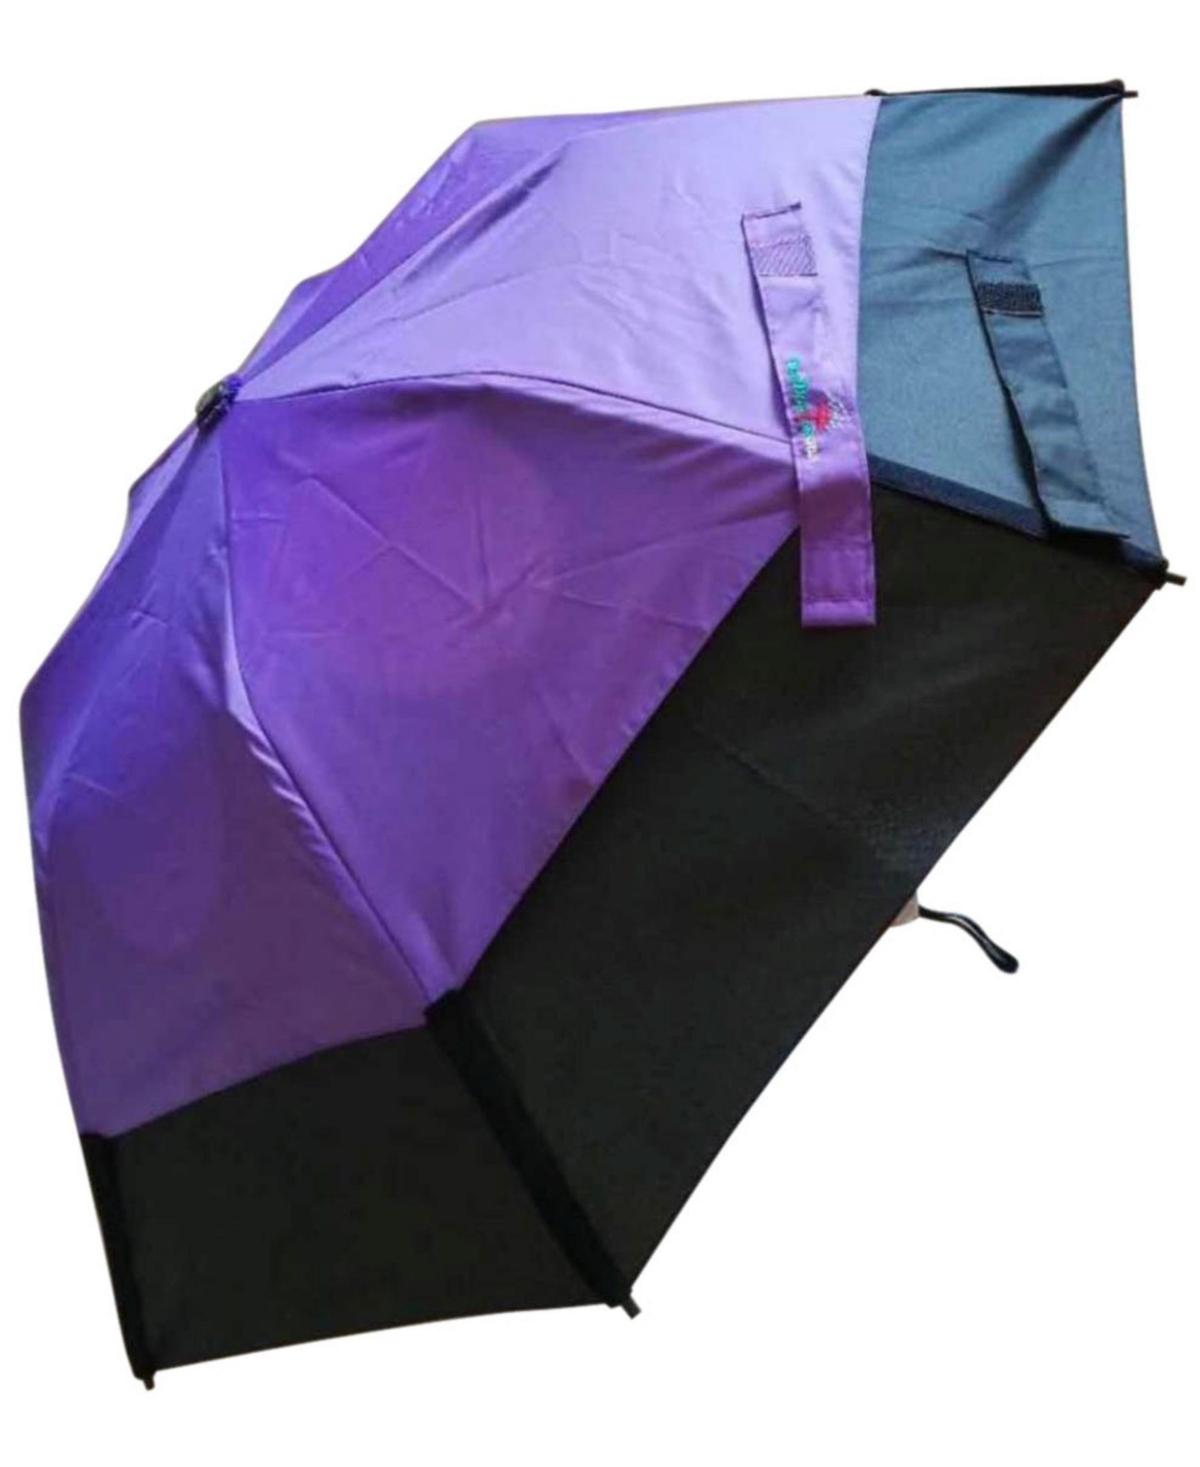 Gustbuster Wind Resistant Auto Open/Auto Close Folding Umbrella